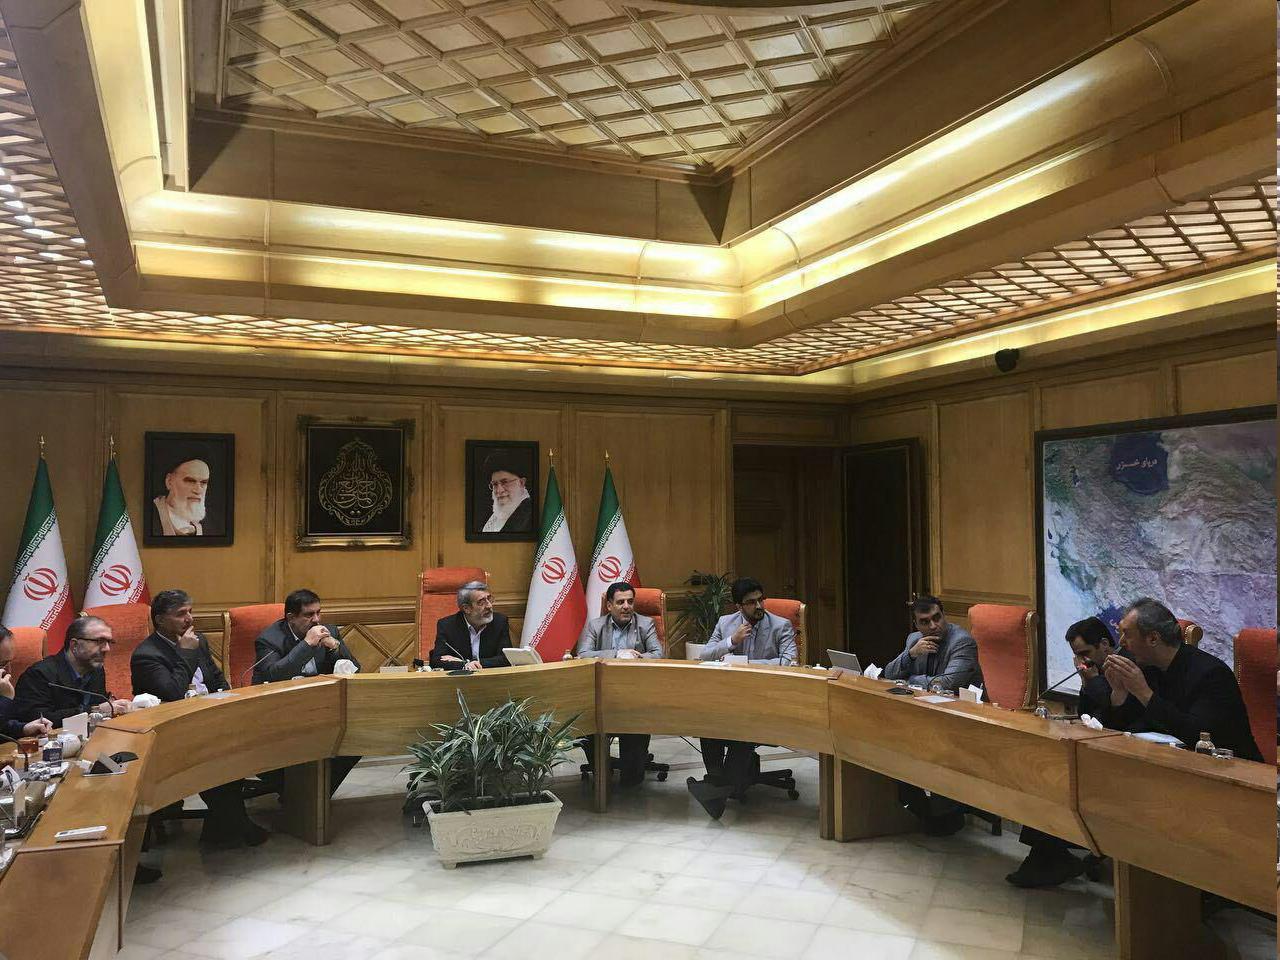 2107417 زلزله ۷ ریشتری از بغداد تا تهران را لرزاند